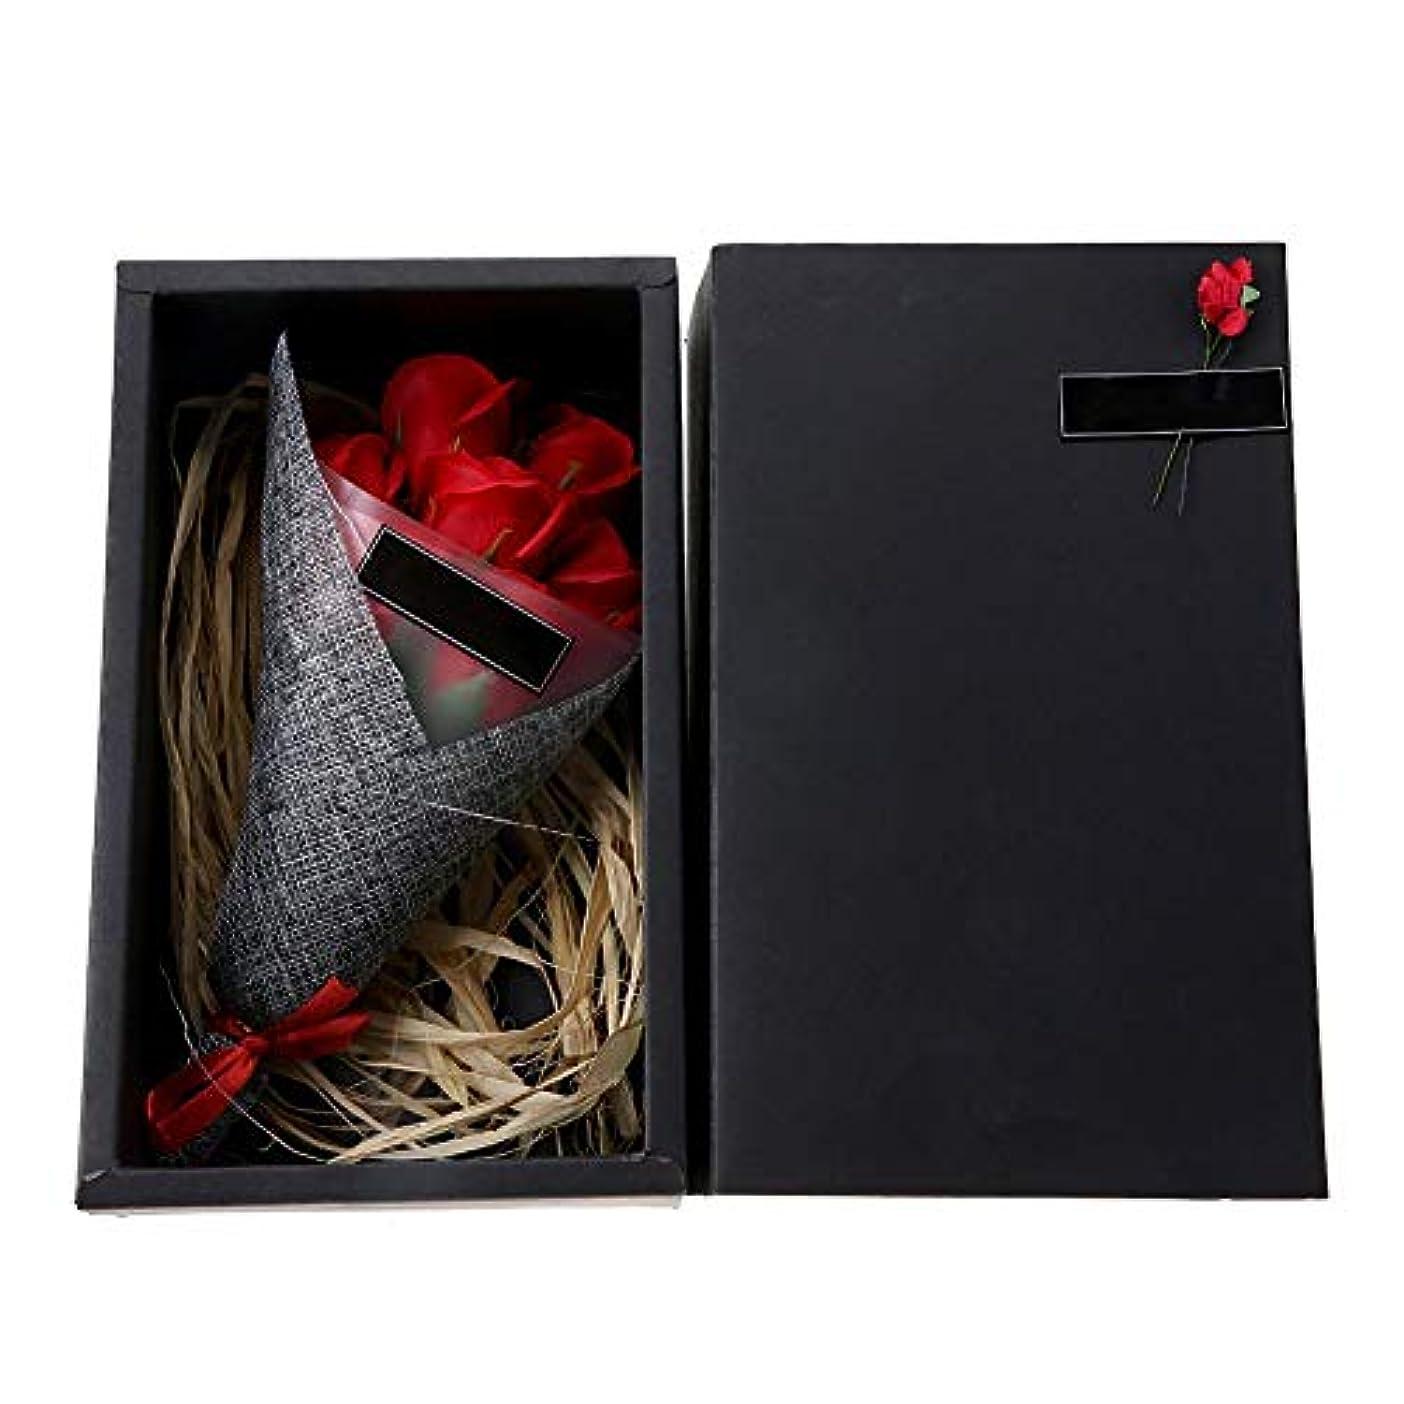 暗殺者オフ気になる石鹸の花-フランケンラントソープペタルフラワーフェアリーライトバレンタイン母の日のための部屋の装飾ギフト(赤いバラ)